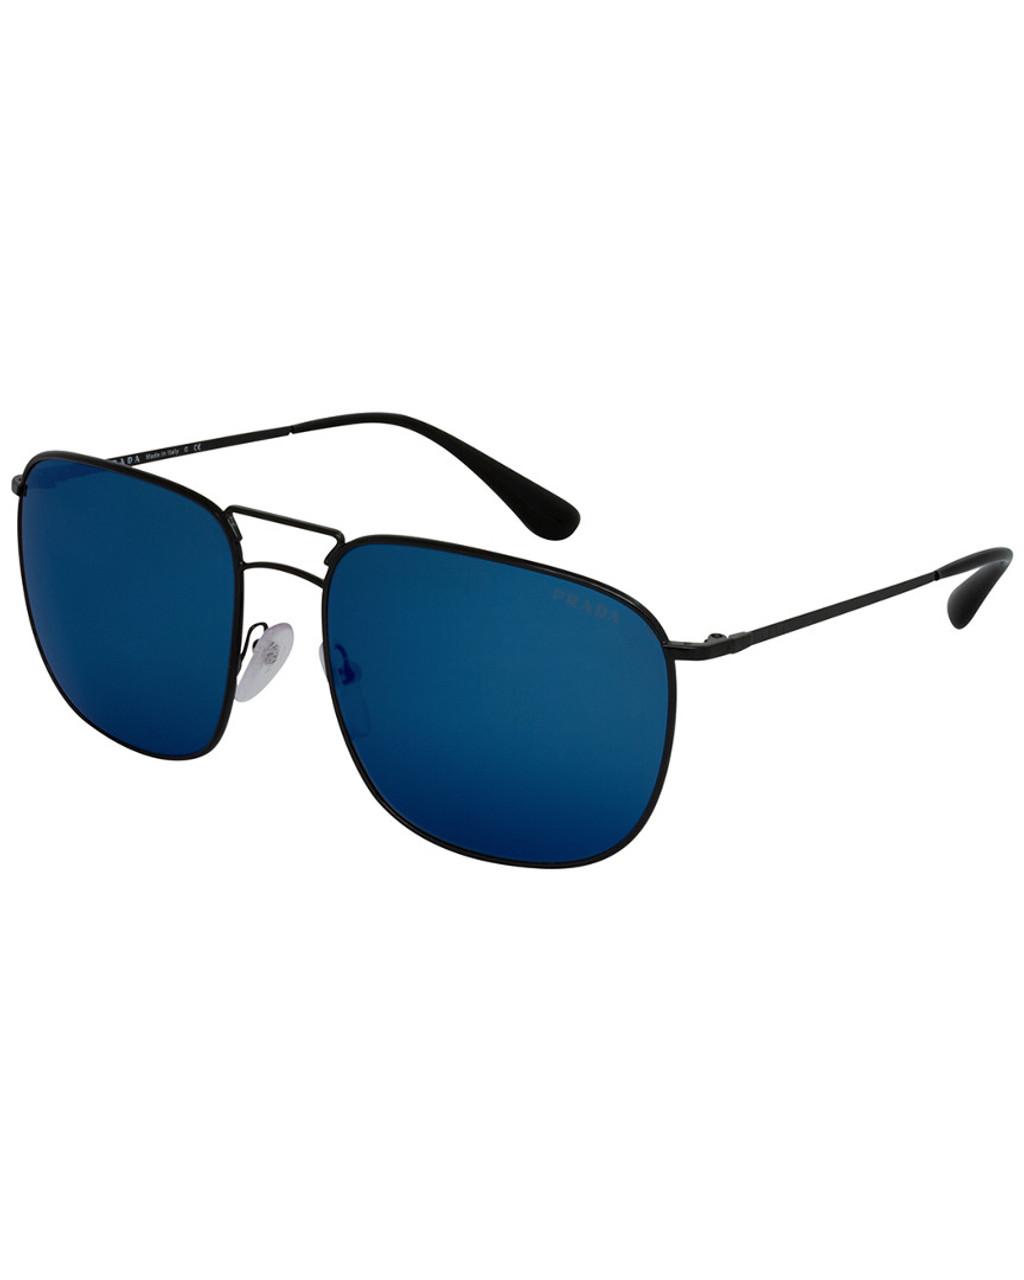 3d9ced5e31 Prada Men s PR 52TS 60mm Sunglasses~11117457800000 - Herbergers